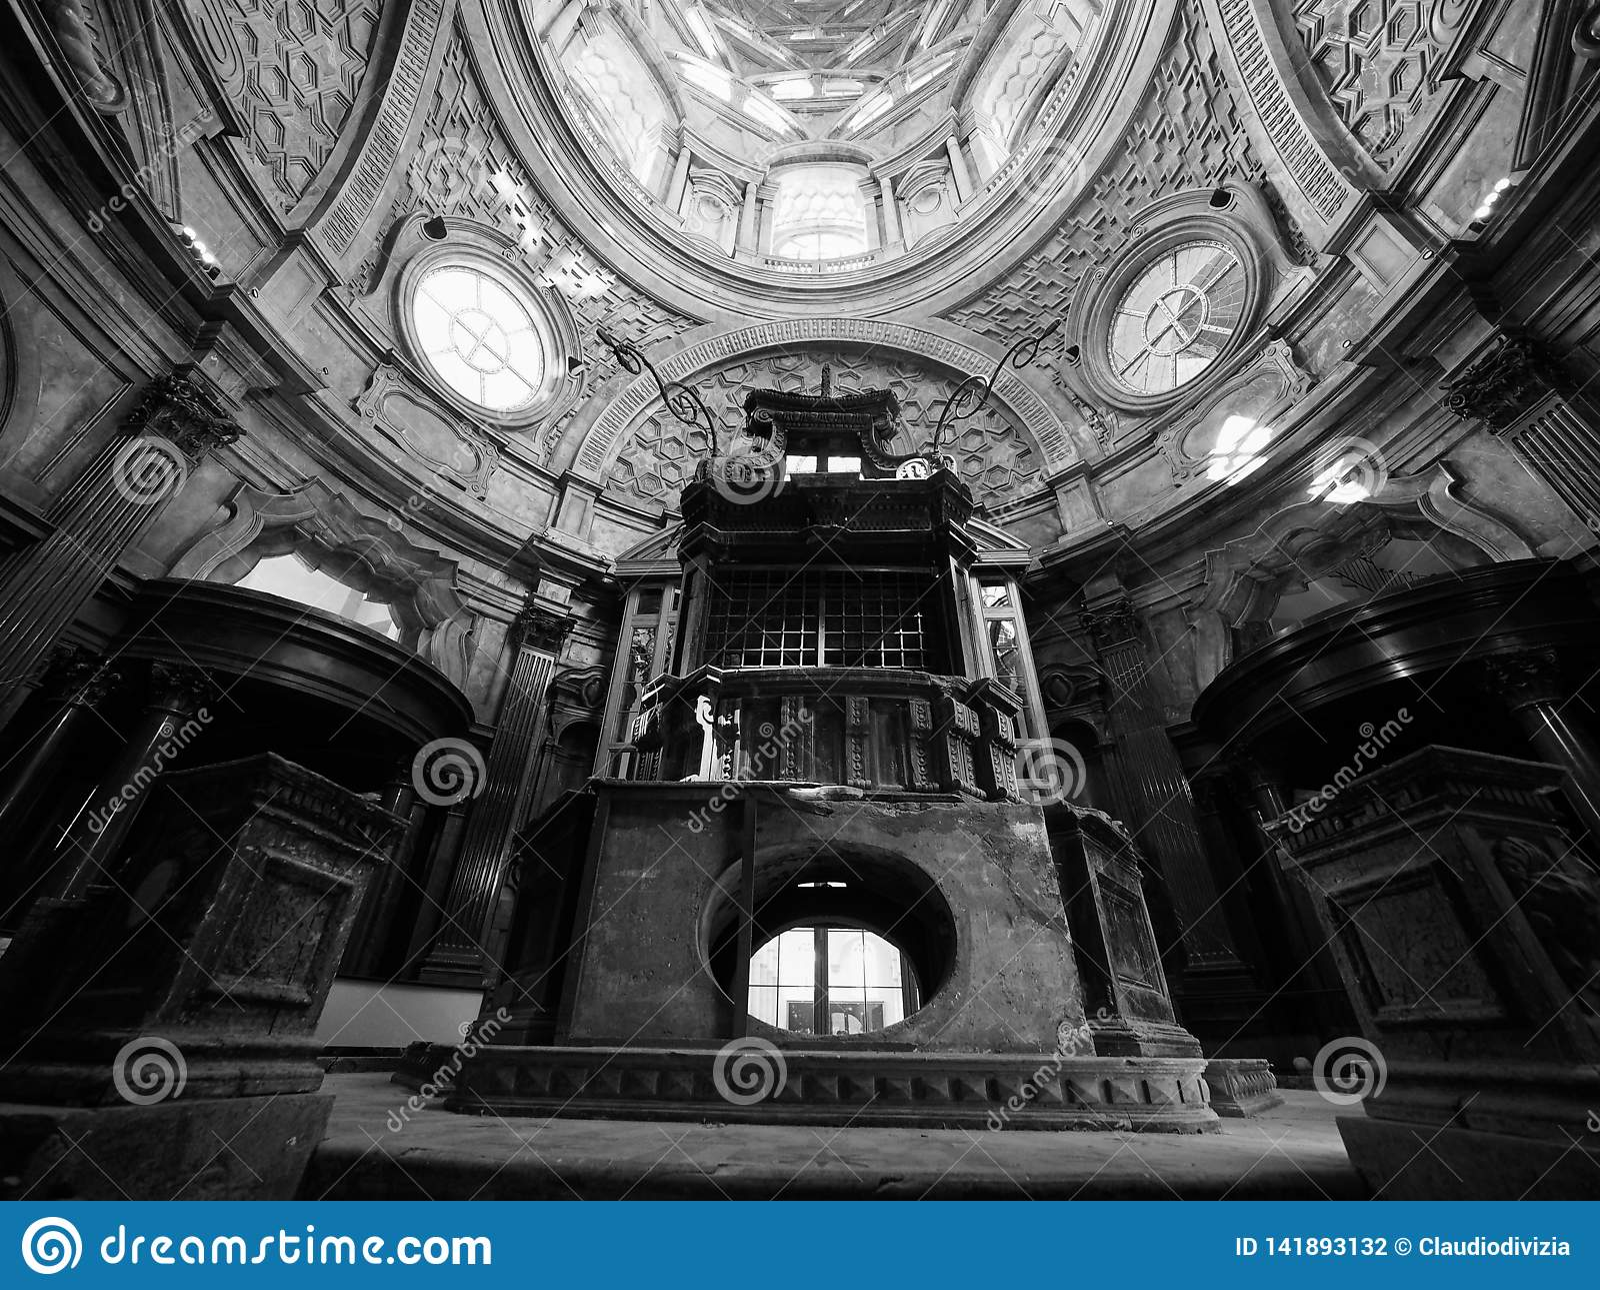 Cappella della Sindone i Turin i svartvitt